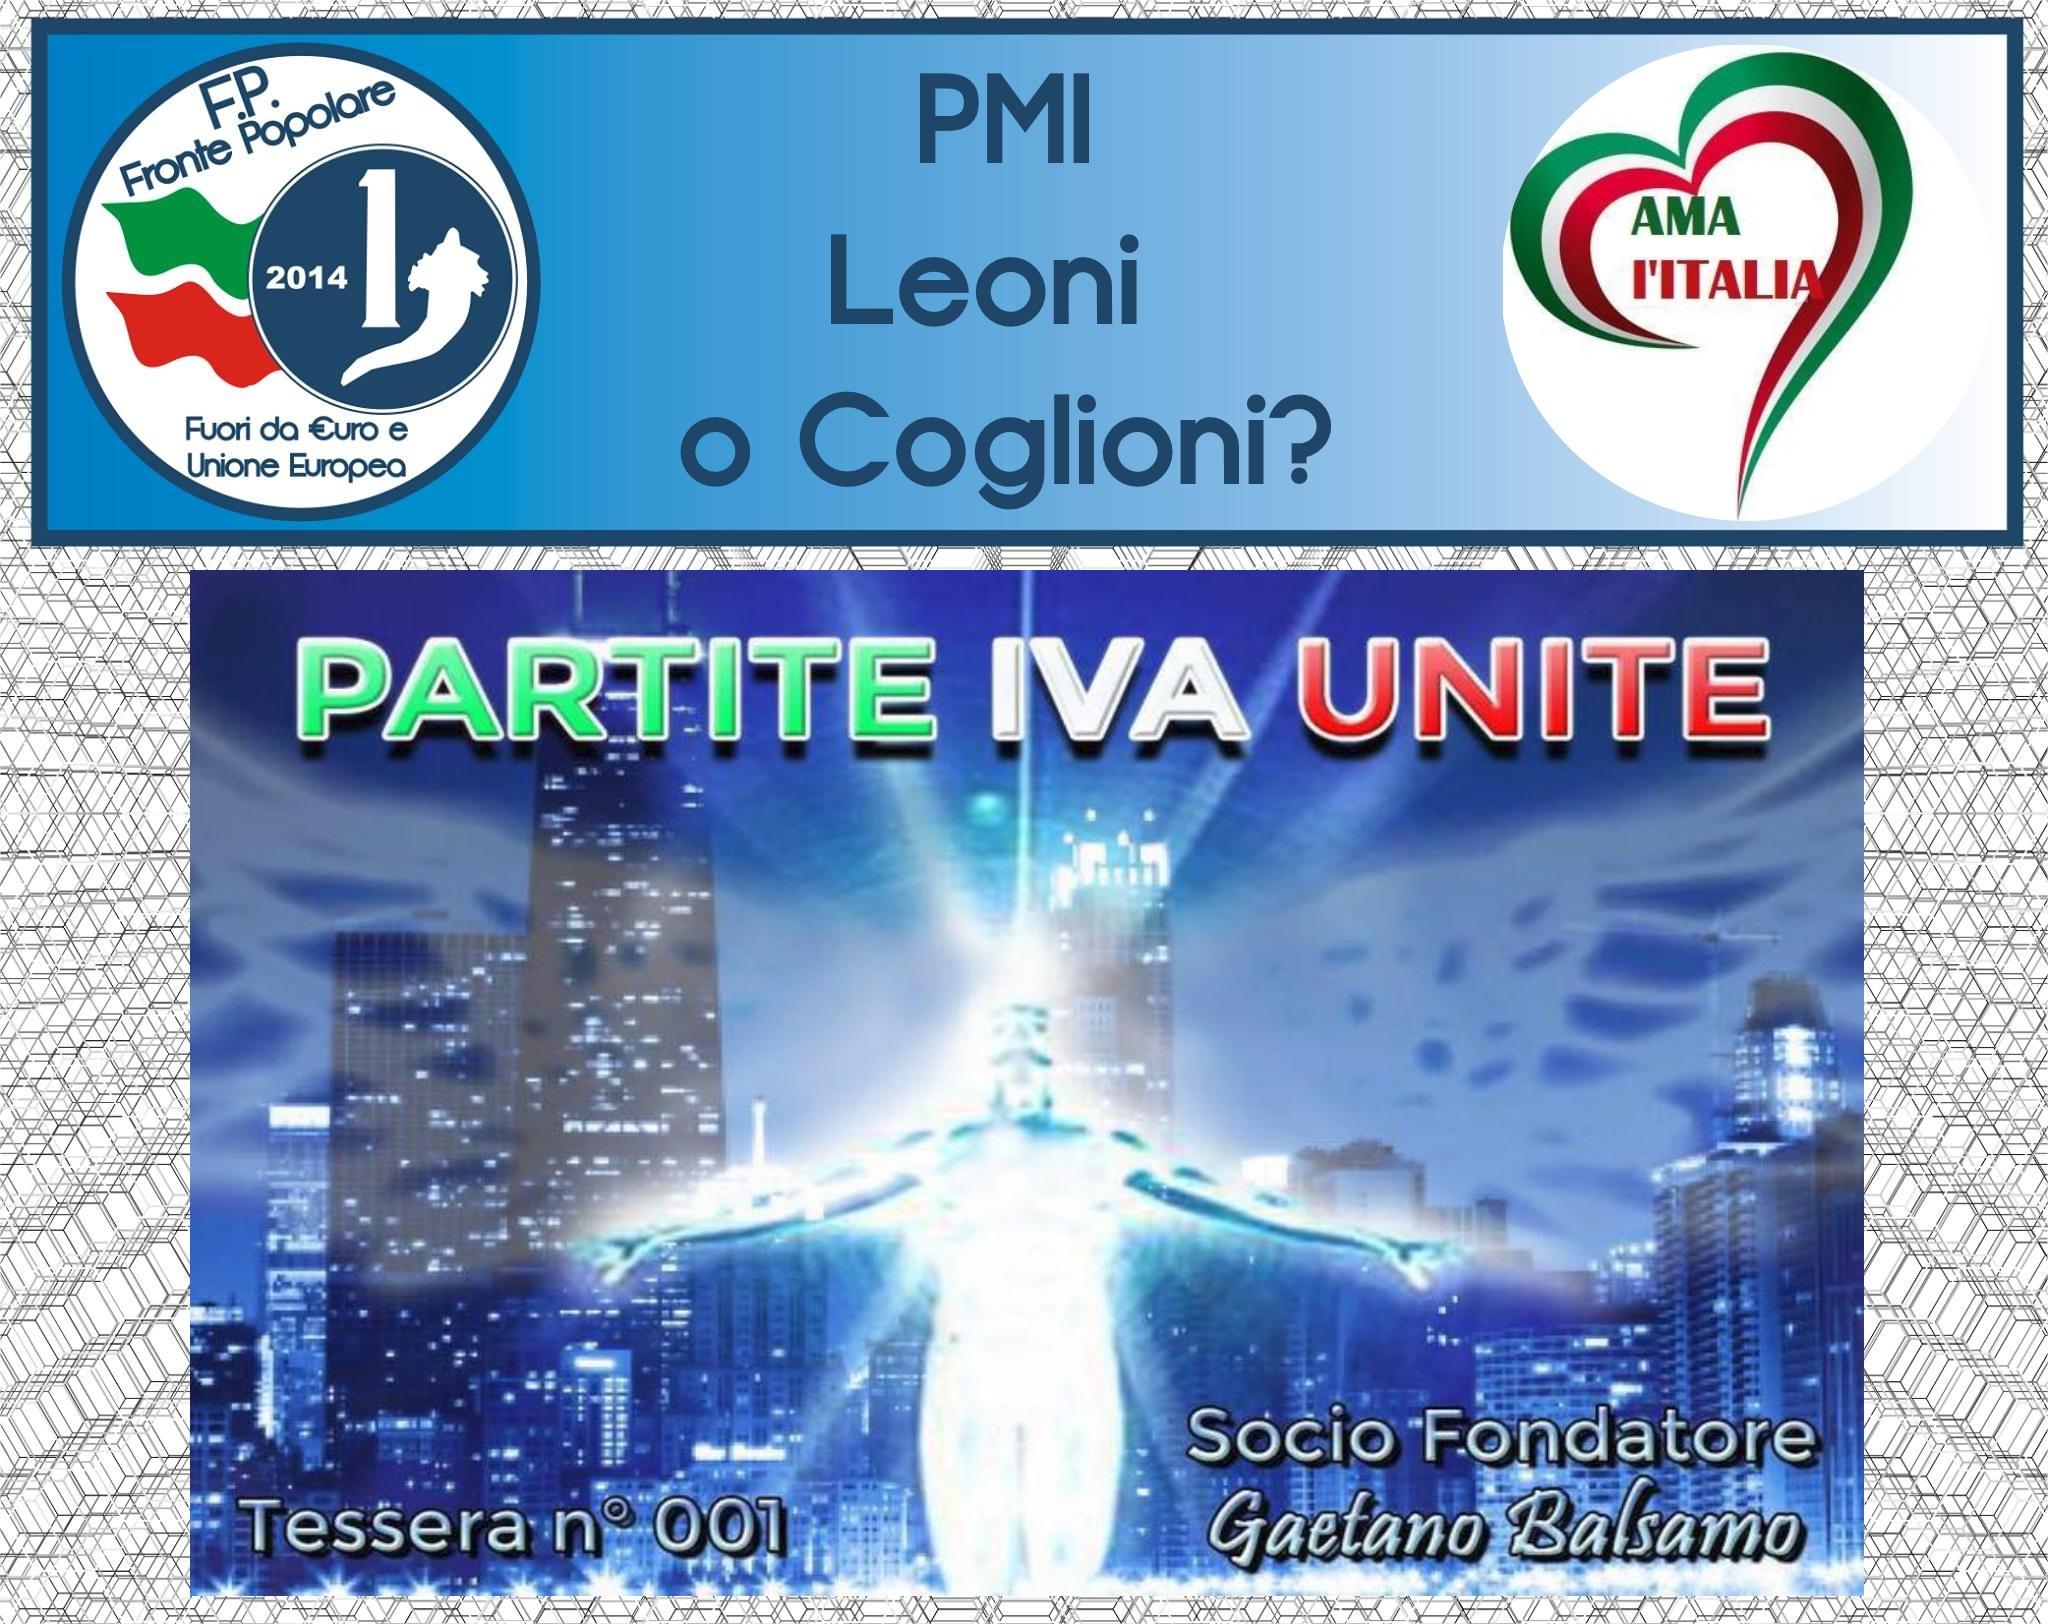 pmi_fronte popolare